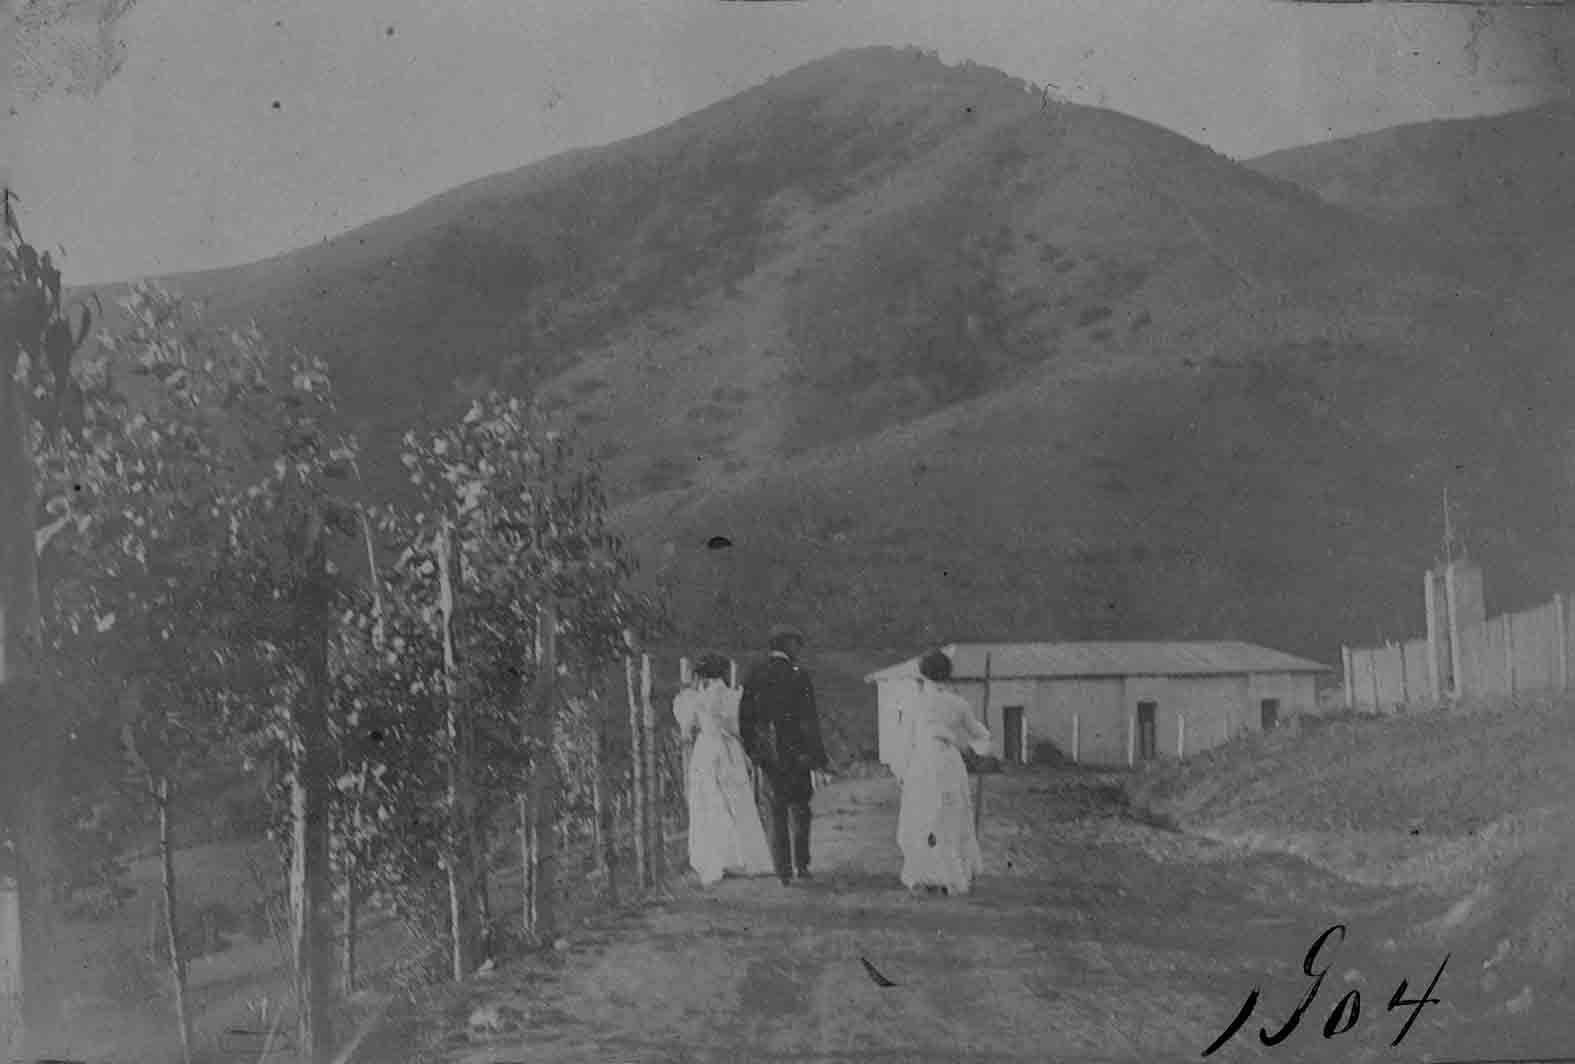 Enterreno - Fotos históricas de chile - fotos antiguas de Chile - Lugar desconocido en 1904